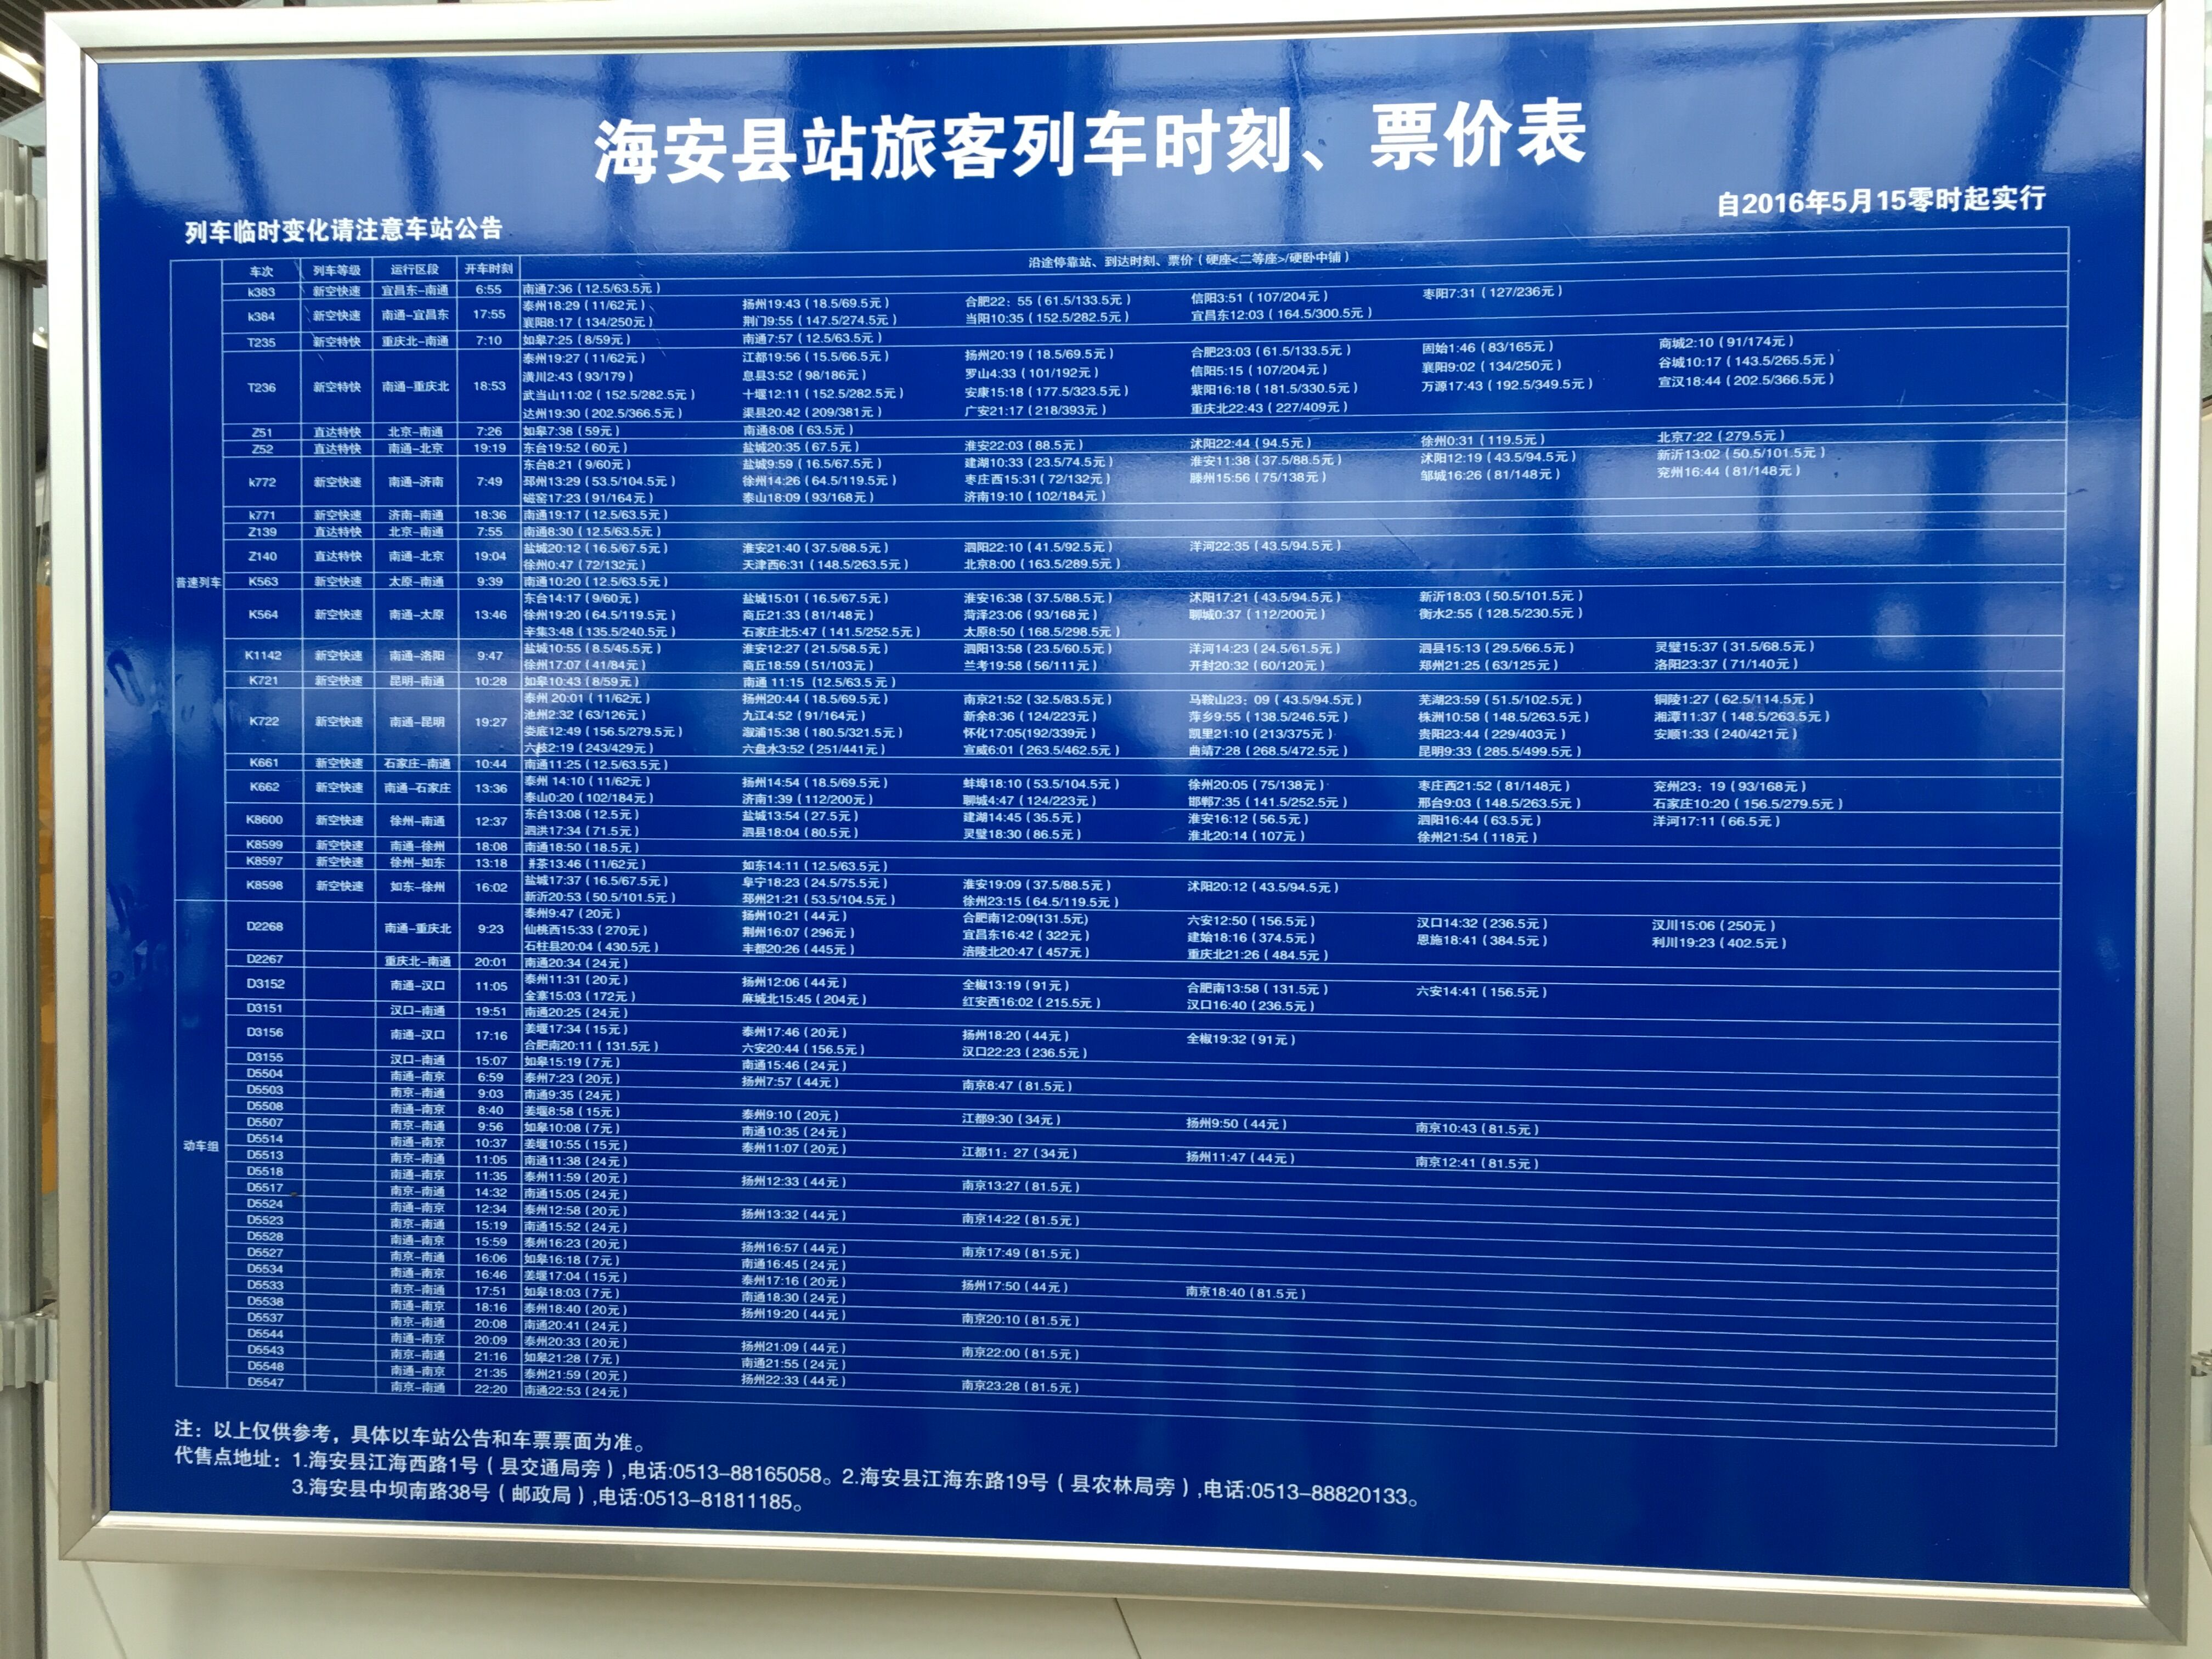 途经海安县火车站的列车